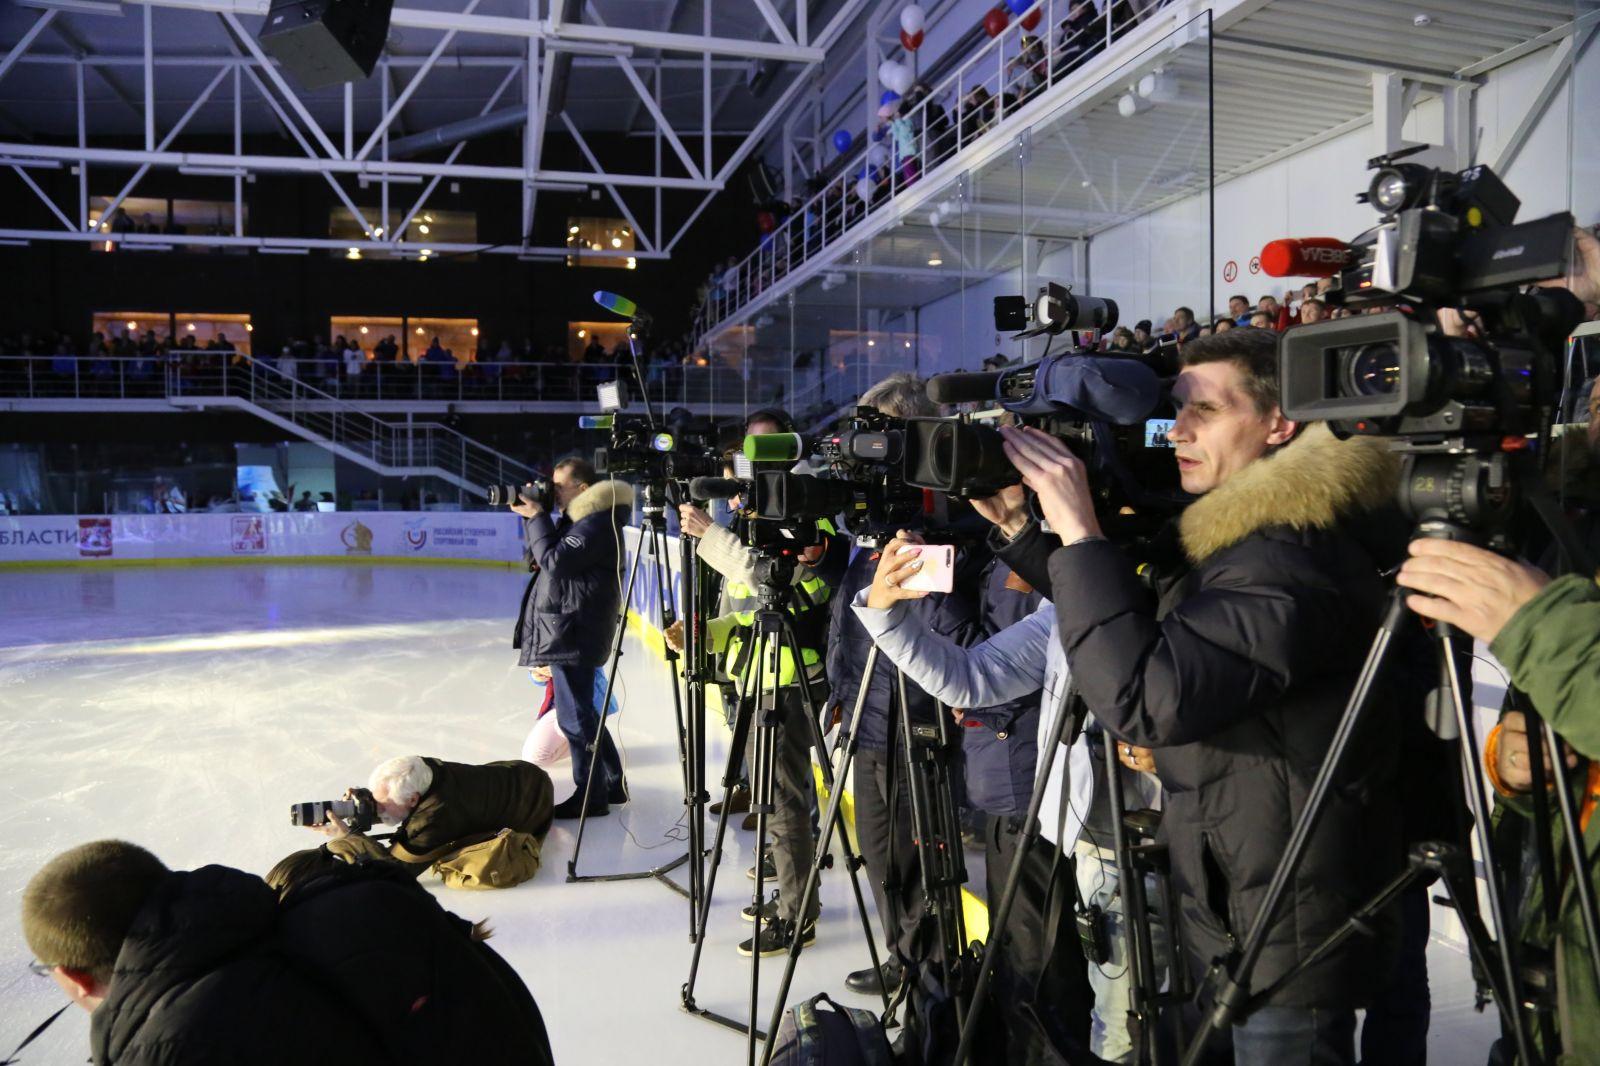 ПКР поздравляет представителей СМИ, освещающих спортивные события, с Международным днем спортивного журналиста